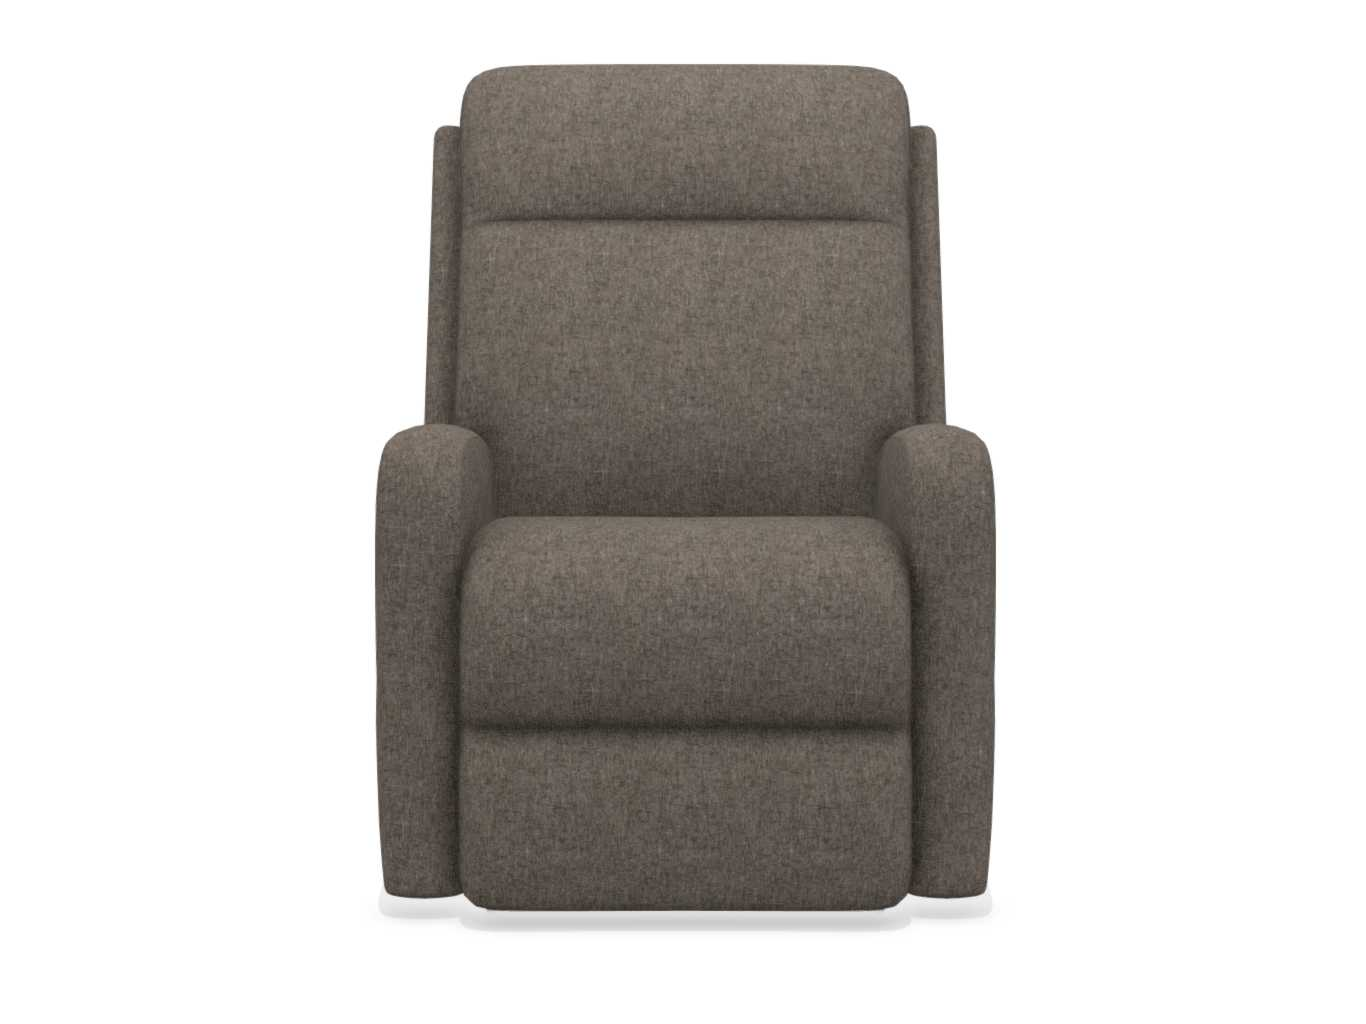 Finley Power Rocking Recliner w/ Headrest and Lumbar